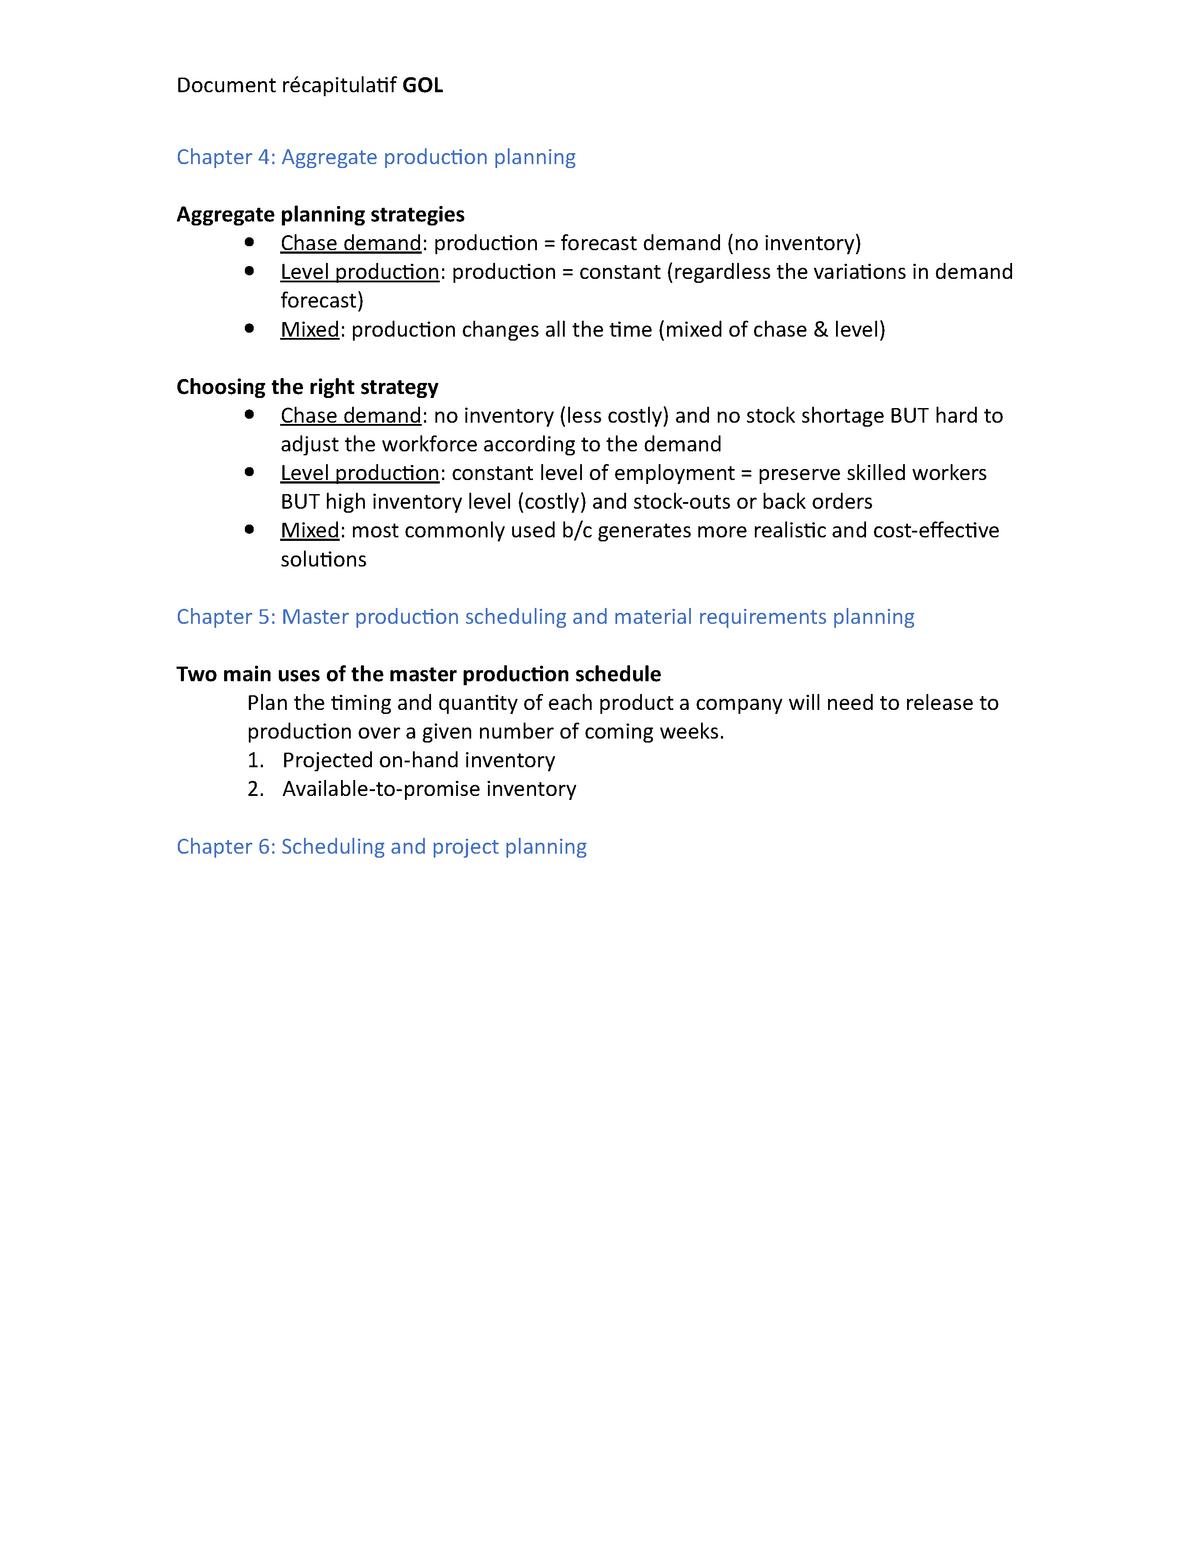 Document récapitulatif GOL - 453003: Gestion des opérations